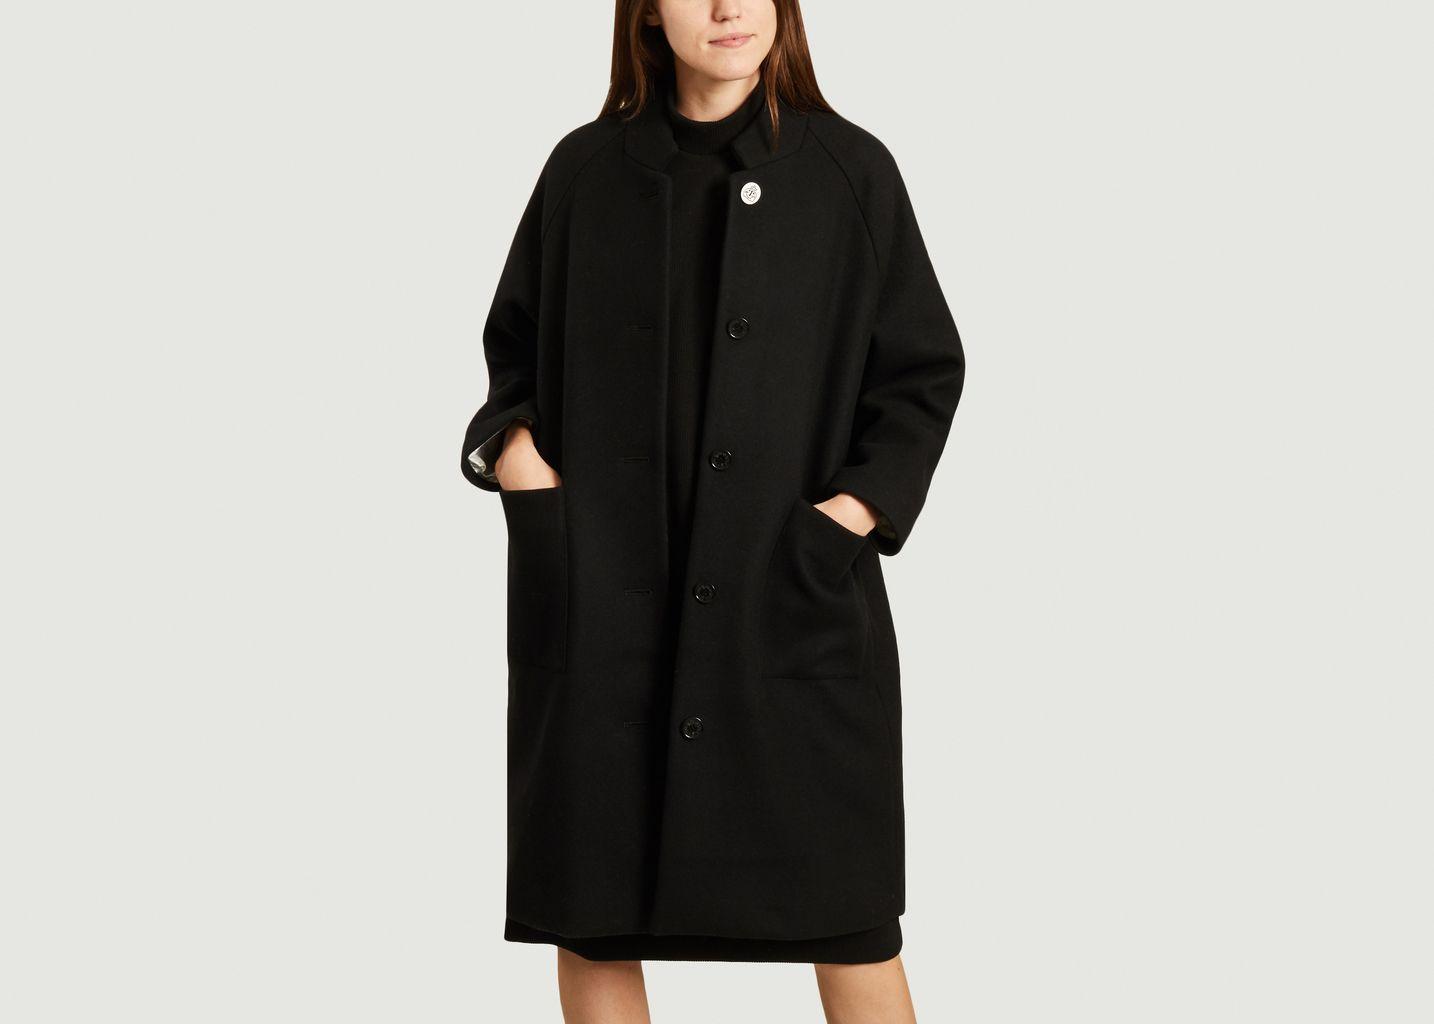 Manteau long dos brodé - Dévastée